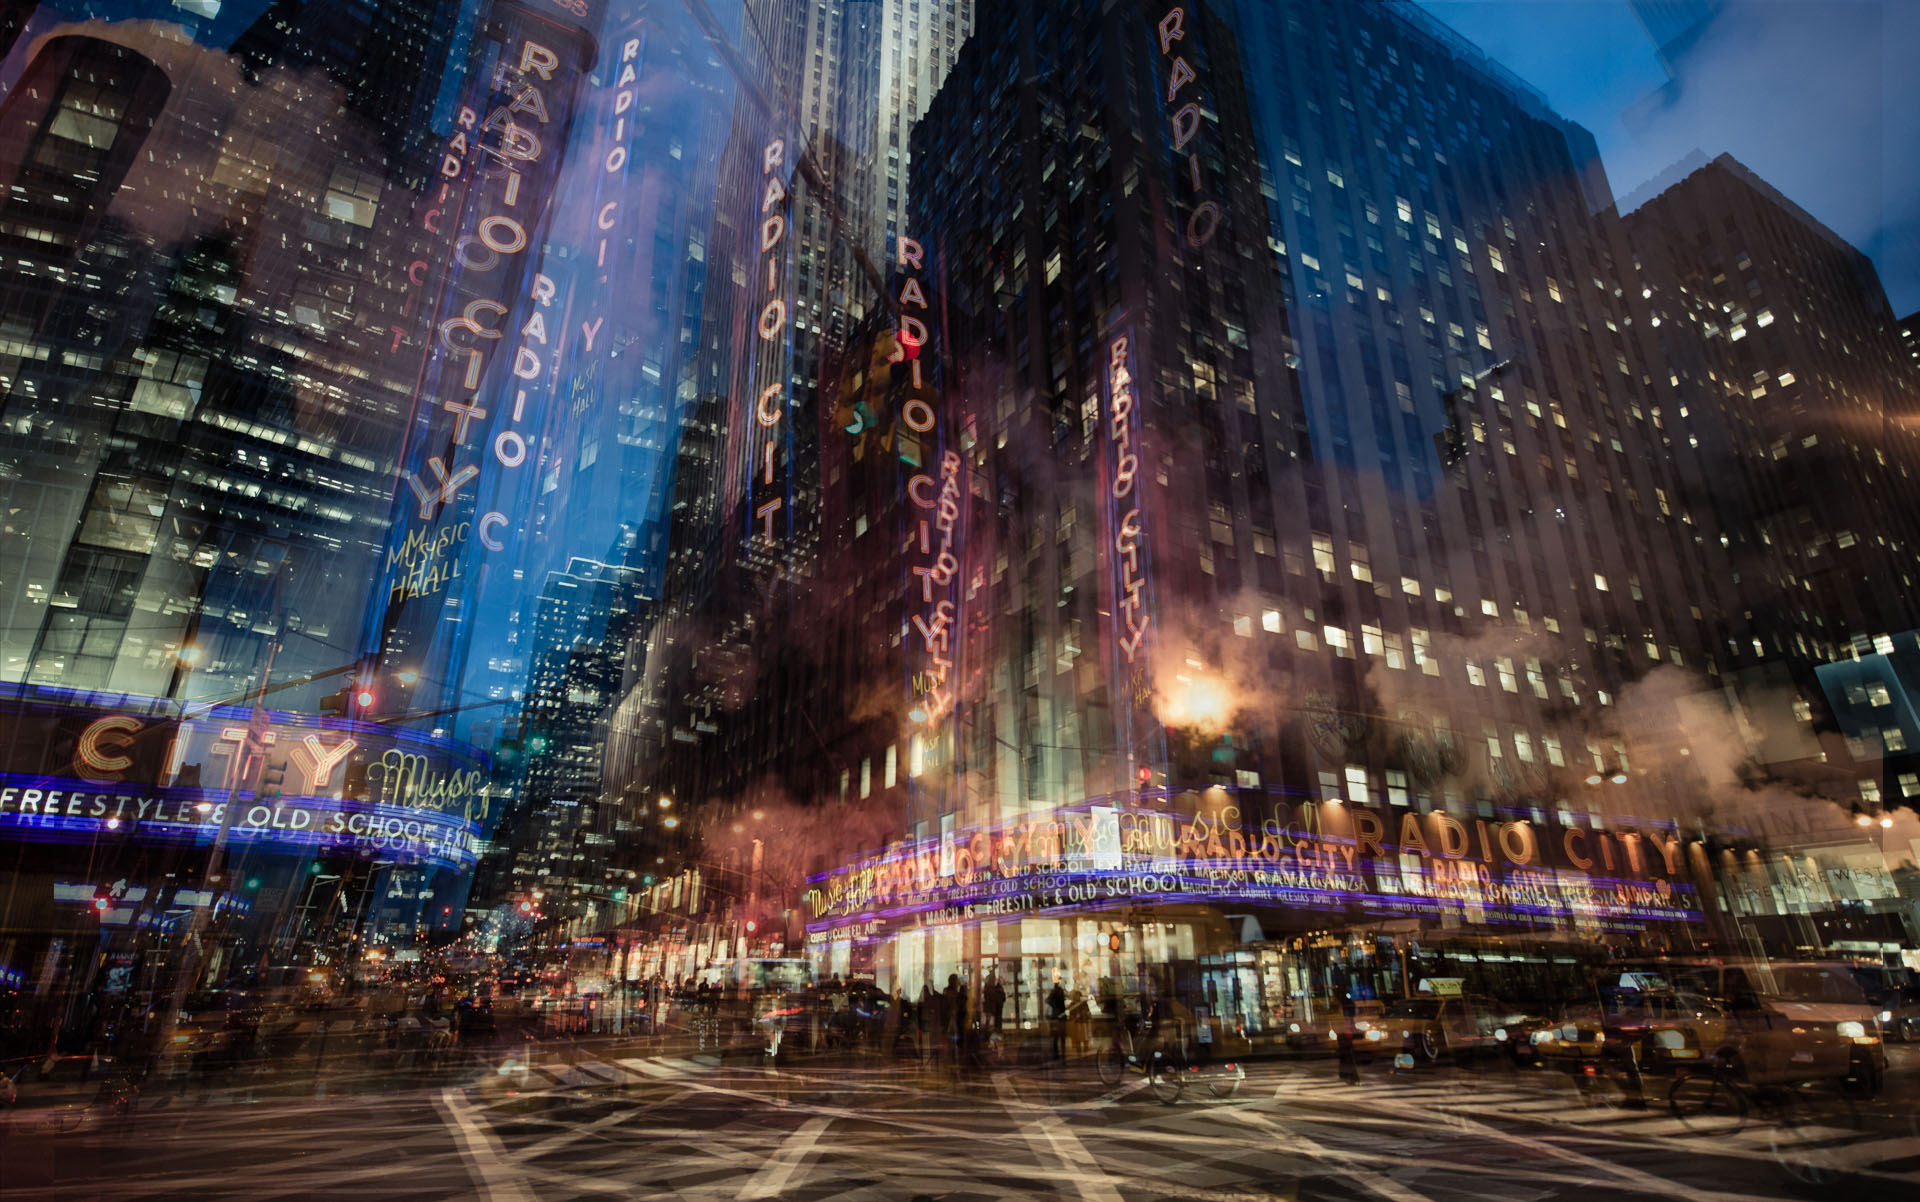 NY #01 - Riccardo Magherini